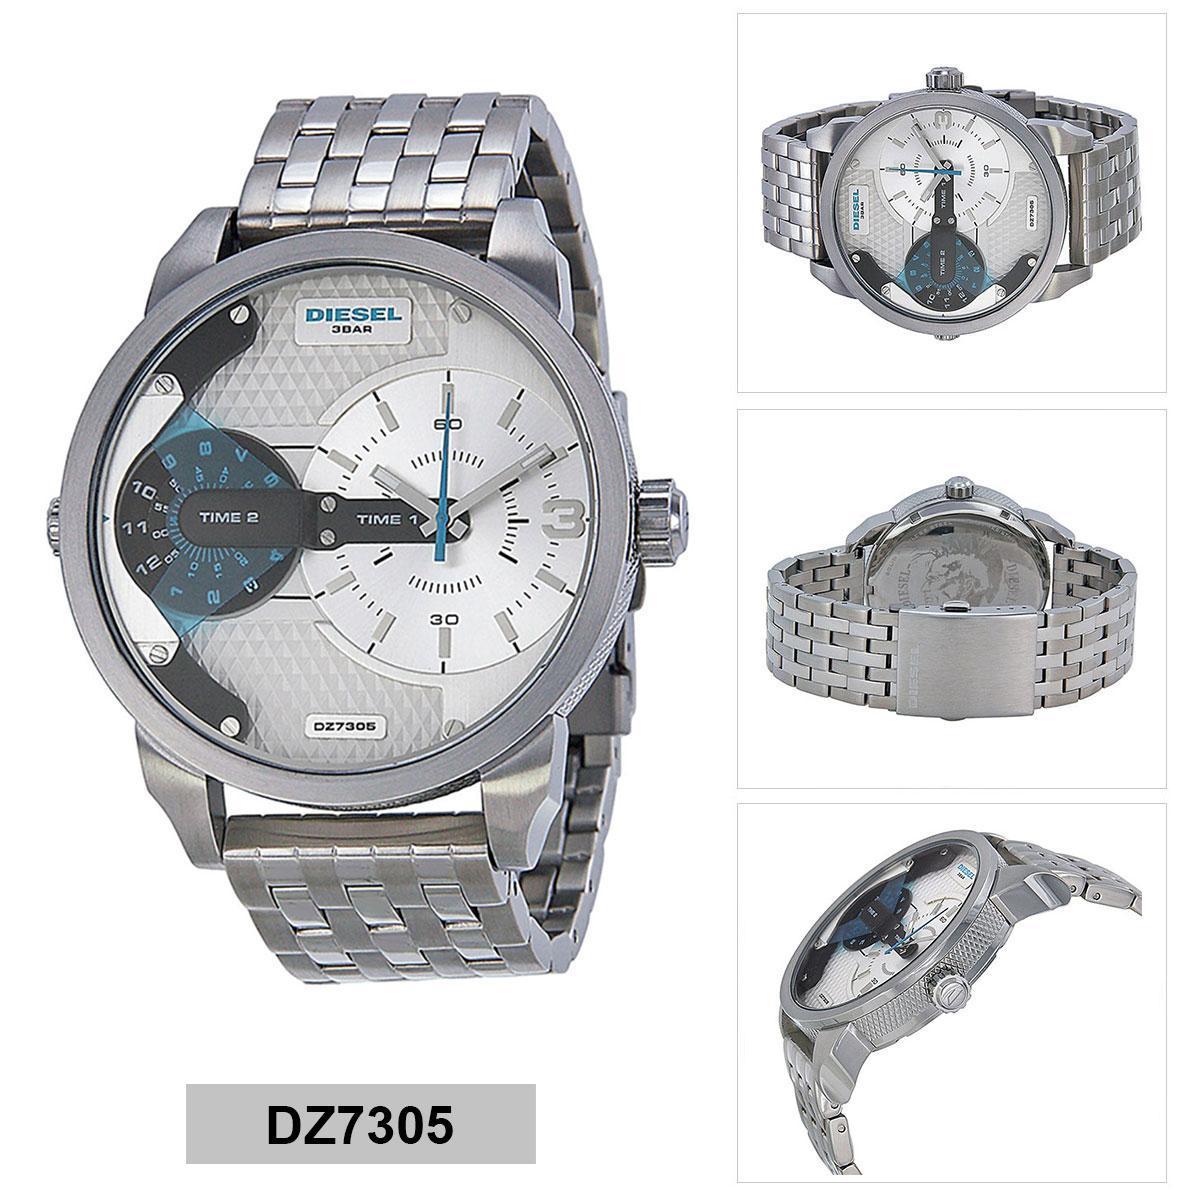 ยี่ห้อนี้ดีไหม  สุราษฎร์ธานี Authentic Diesel Silver Stainless-Steel Case Stainless-Steel Bracelet Mens DZ7305 2 Years Warranty